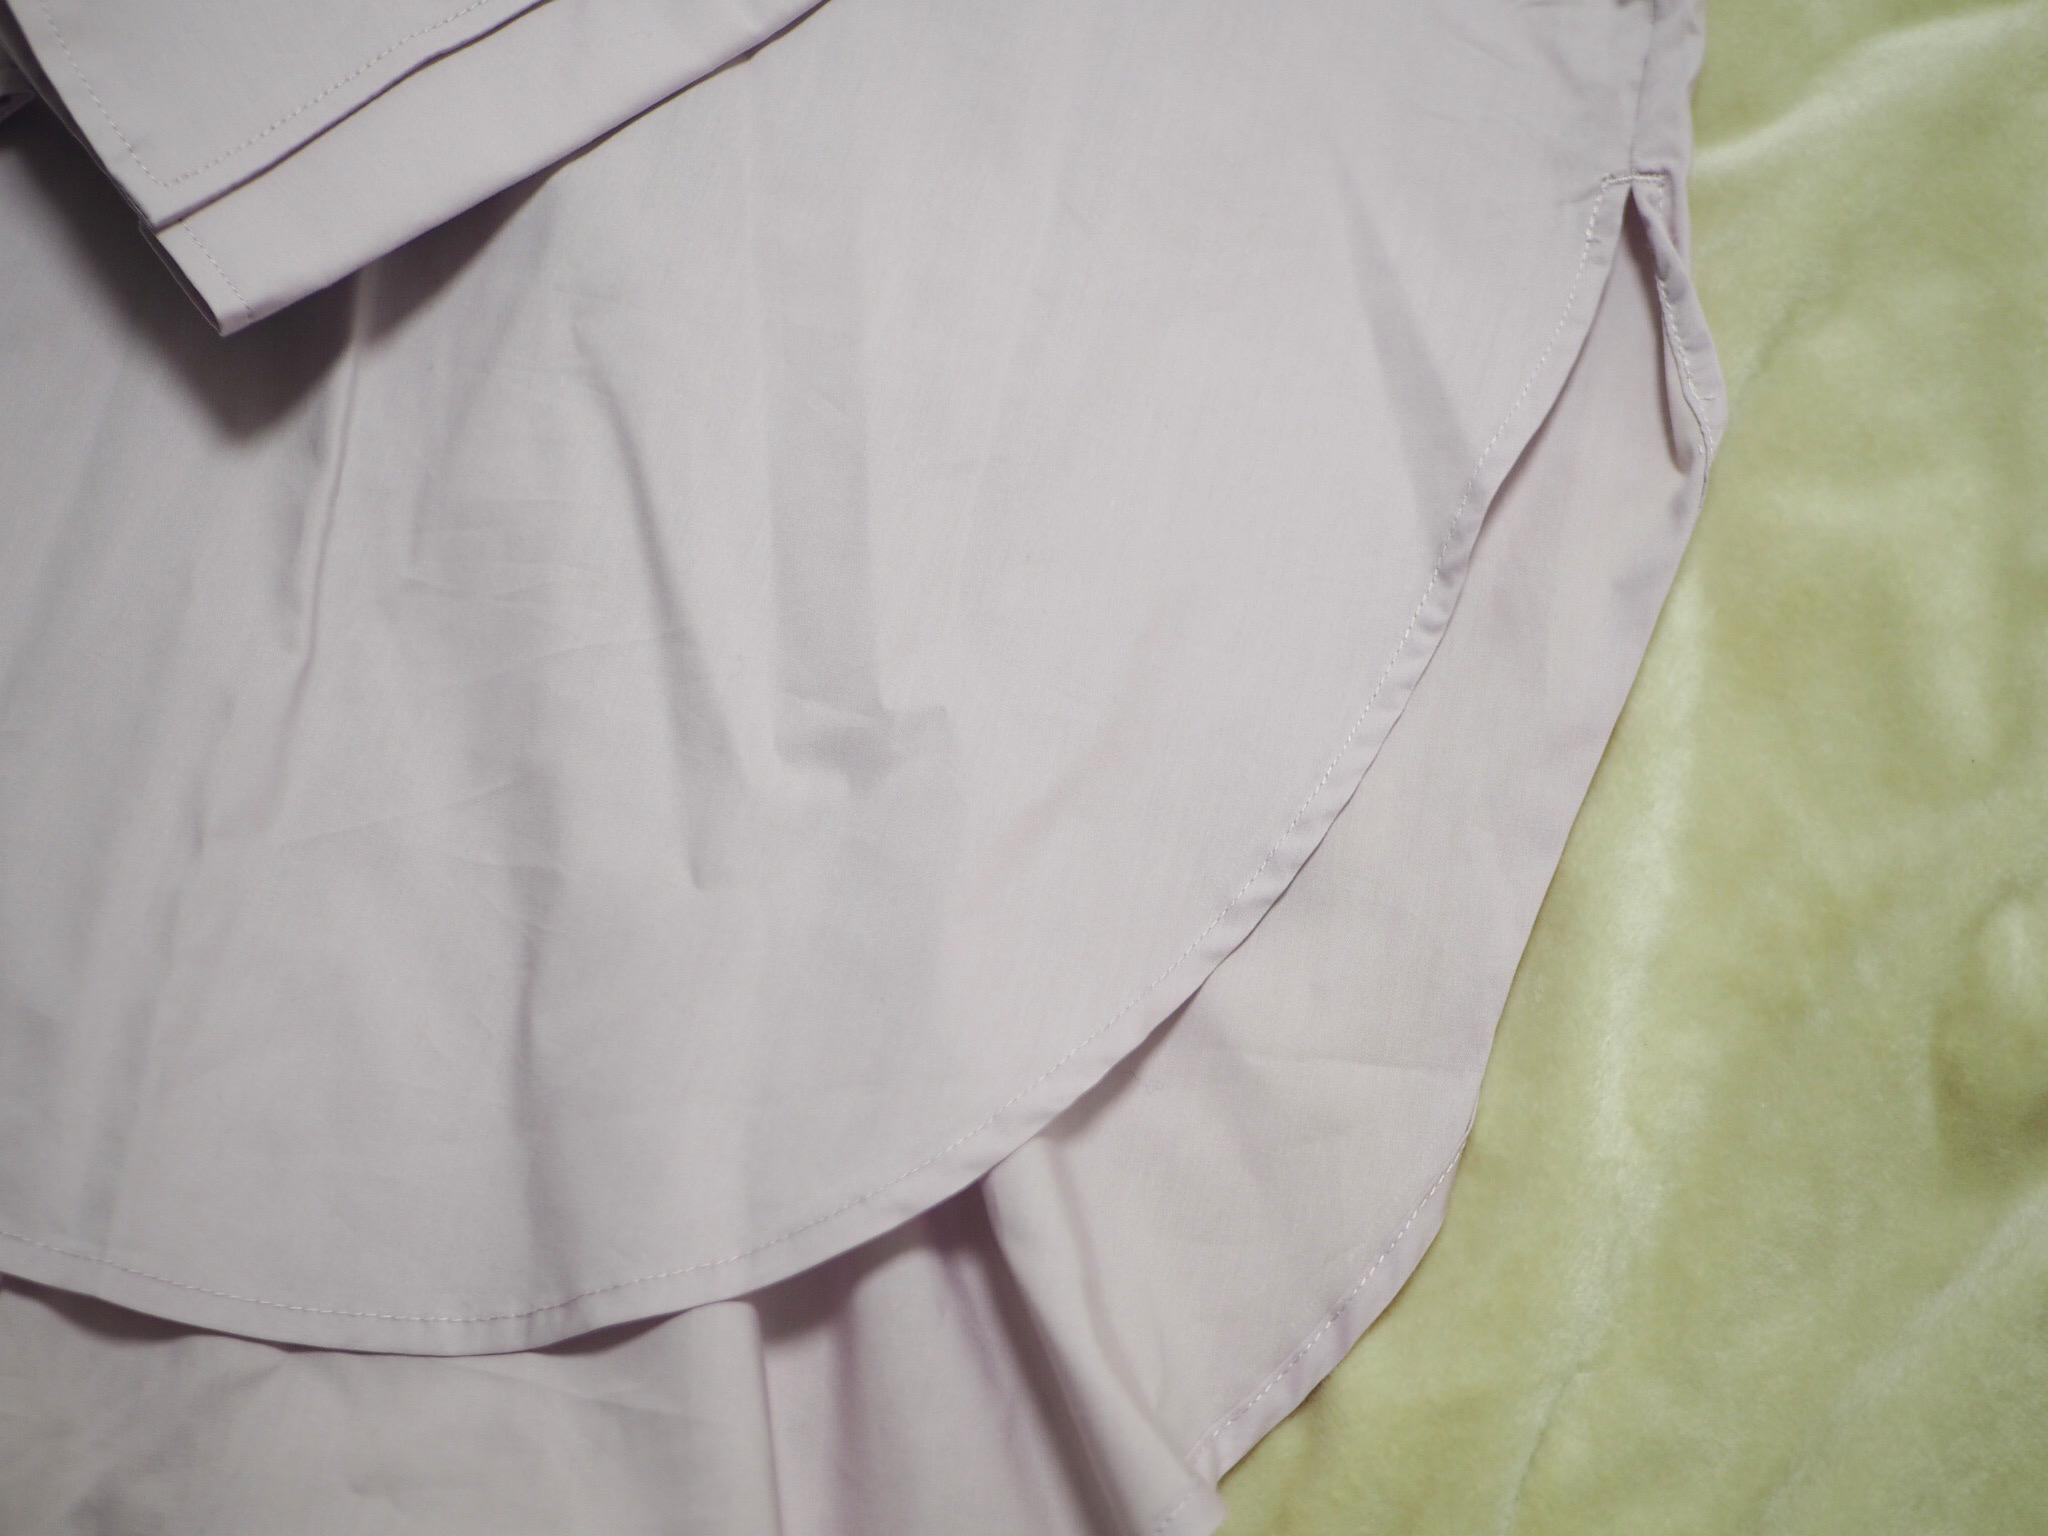 プチプラ服!【センスオブプレイス】の《春色ドレスシャツ》が可愛い♡⋈_4